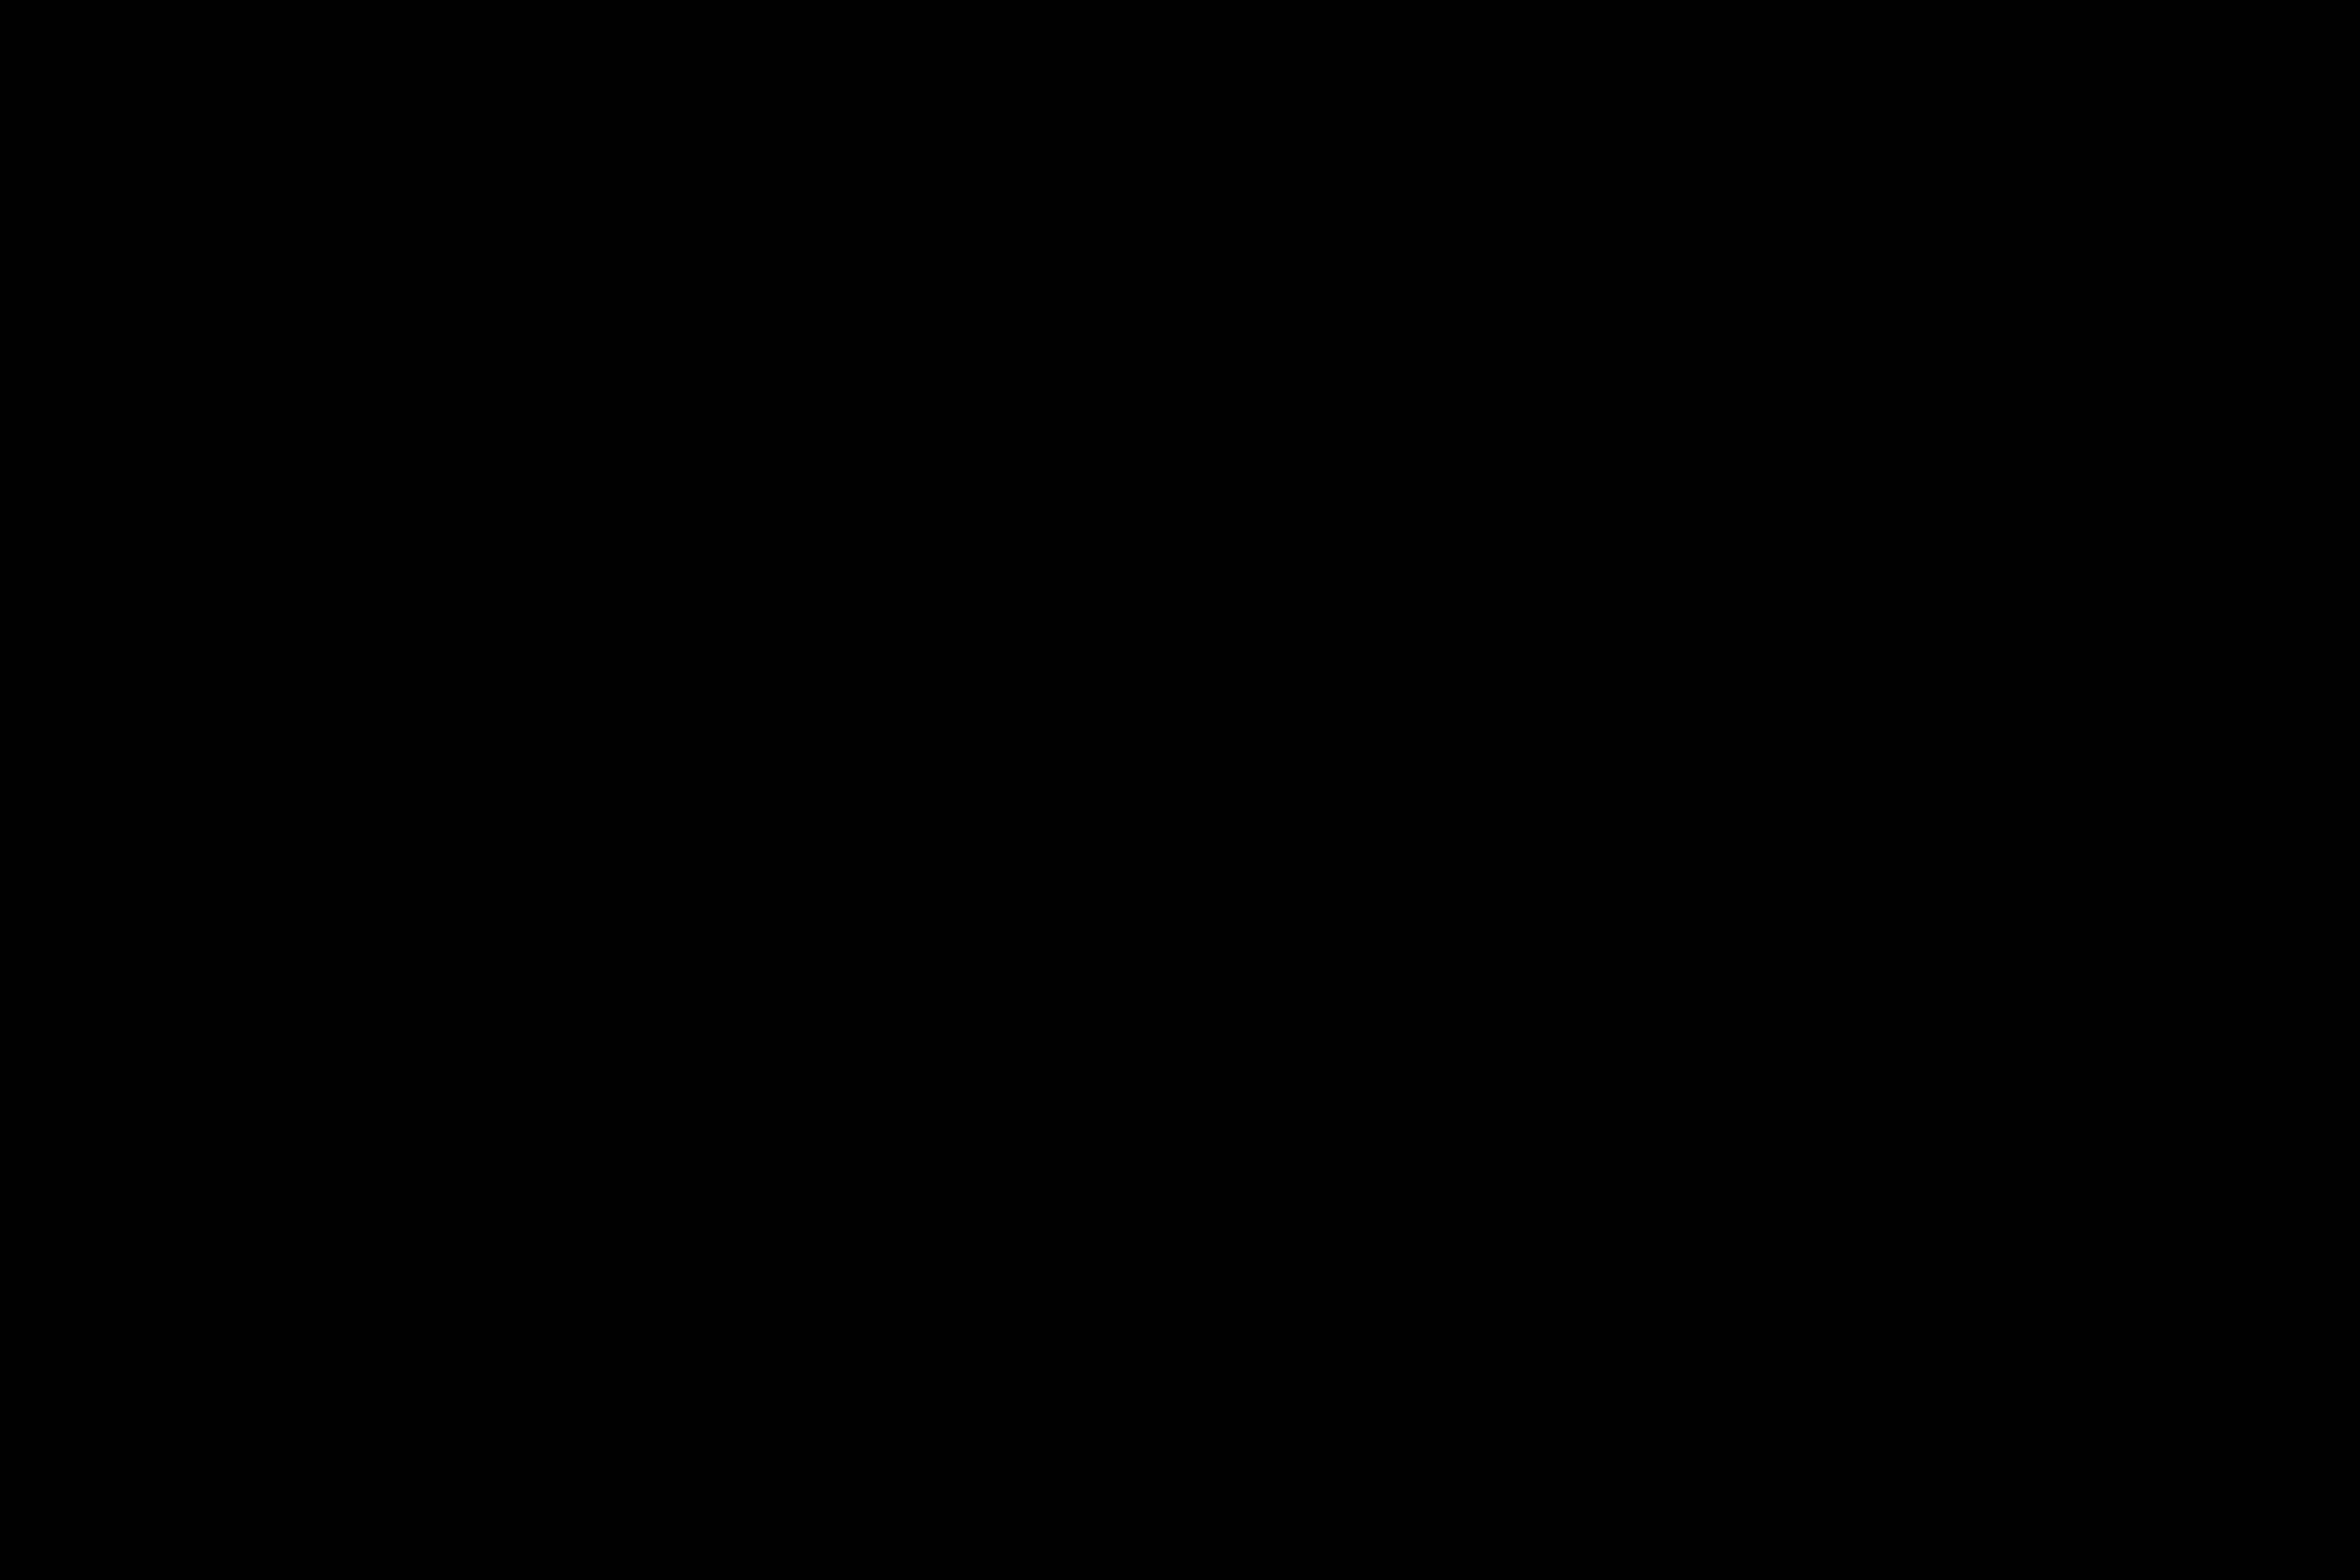 FlyGer Holidays logo